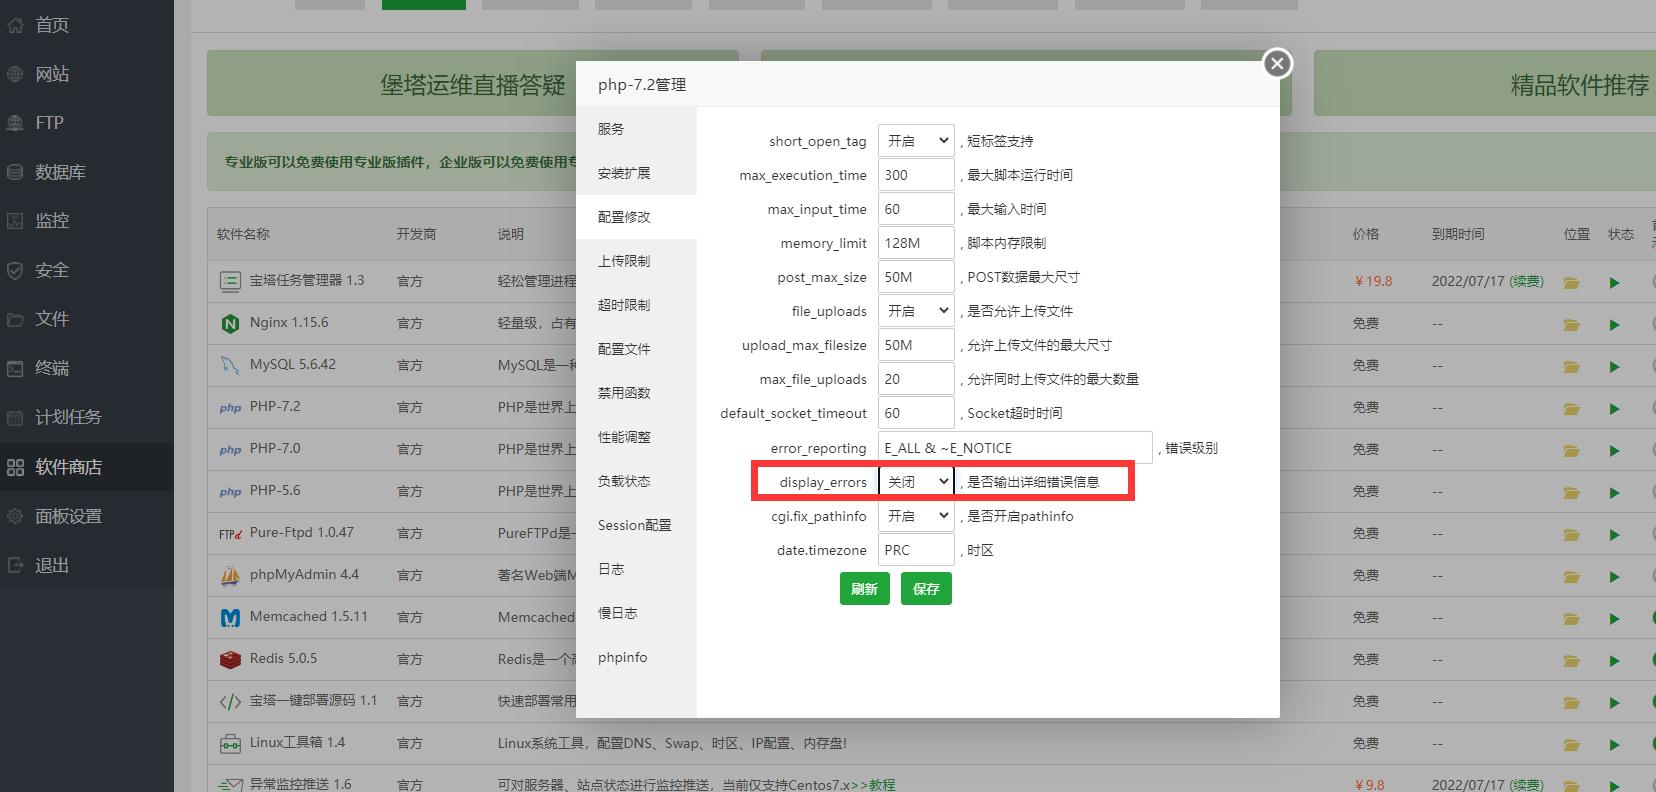 宝塔后台关闭php报错提示演示图